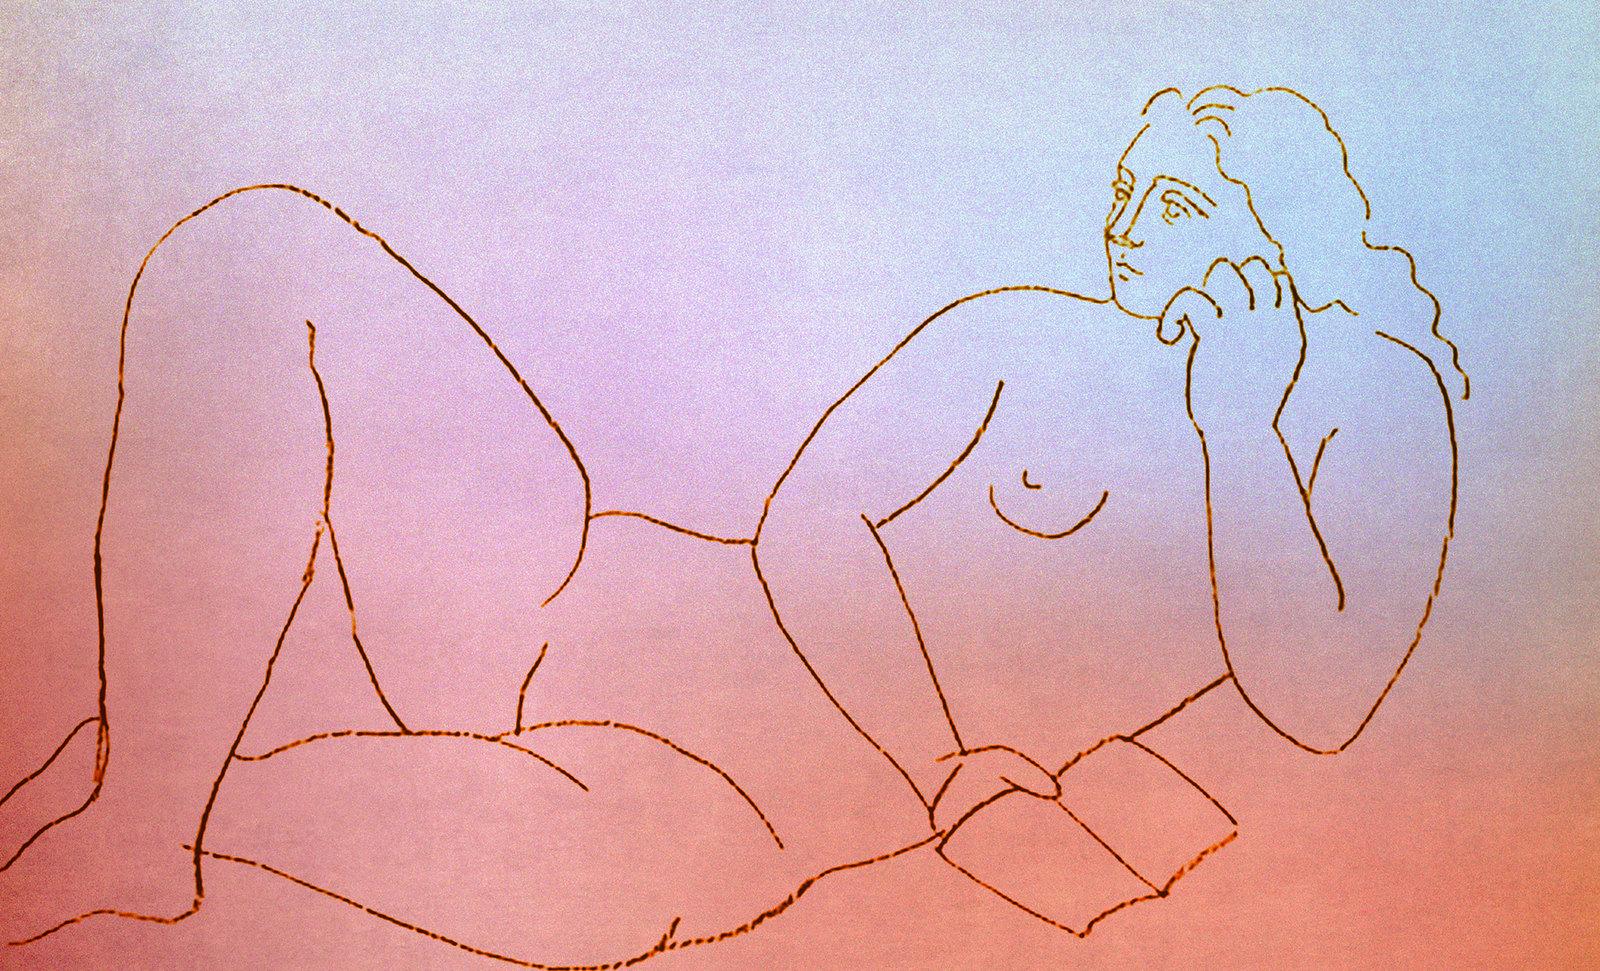 065Pablo Picasso